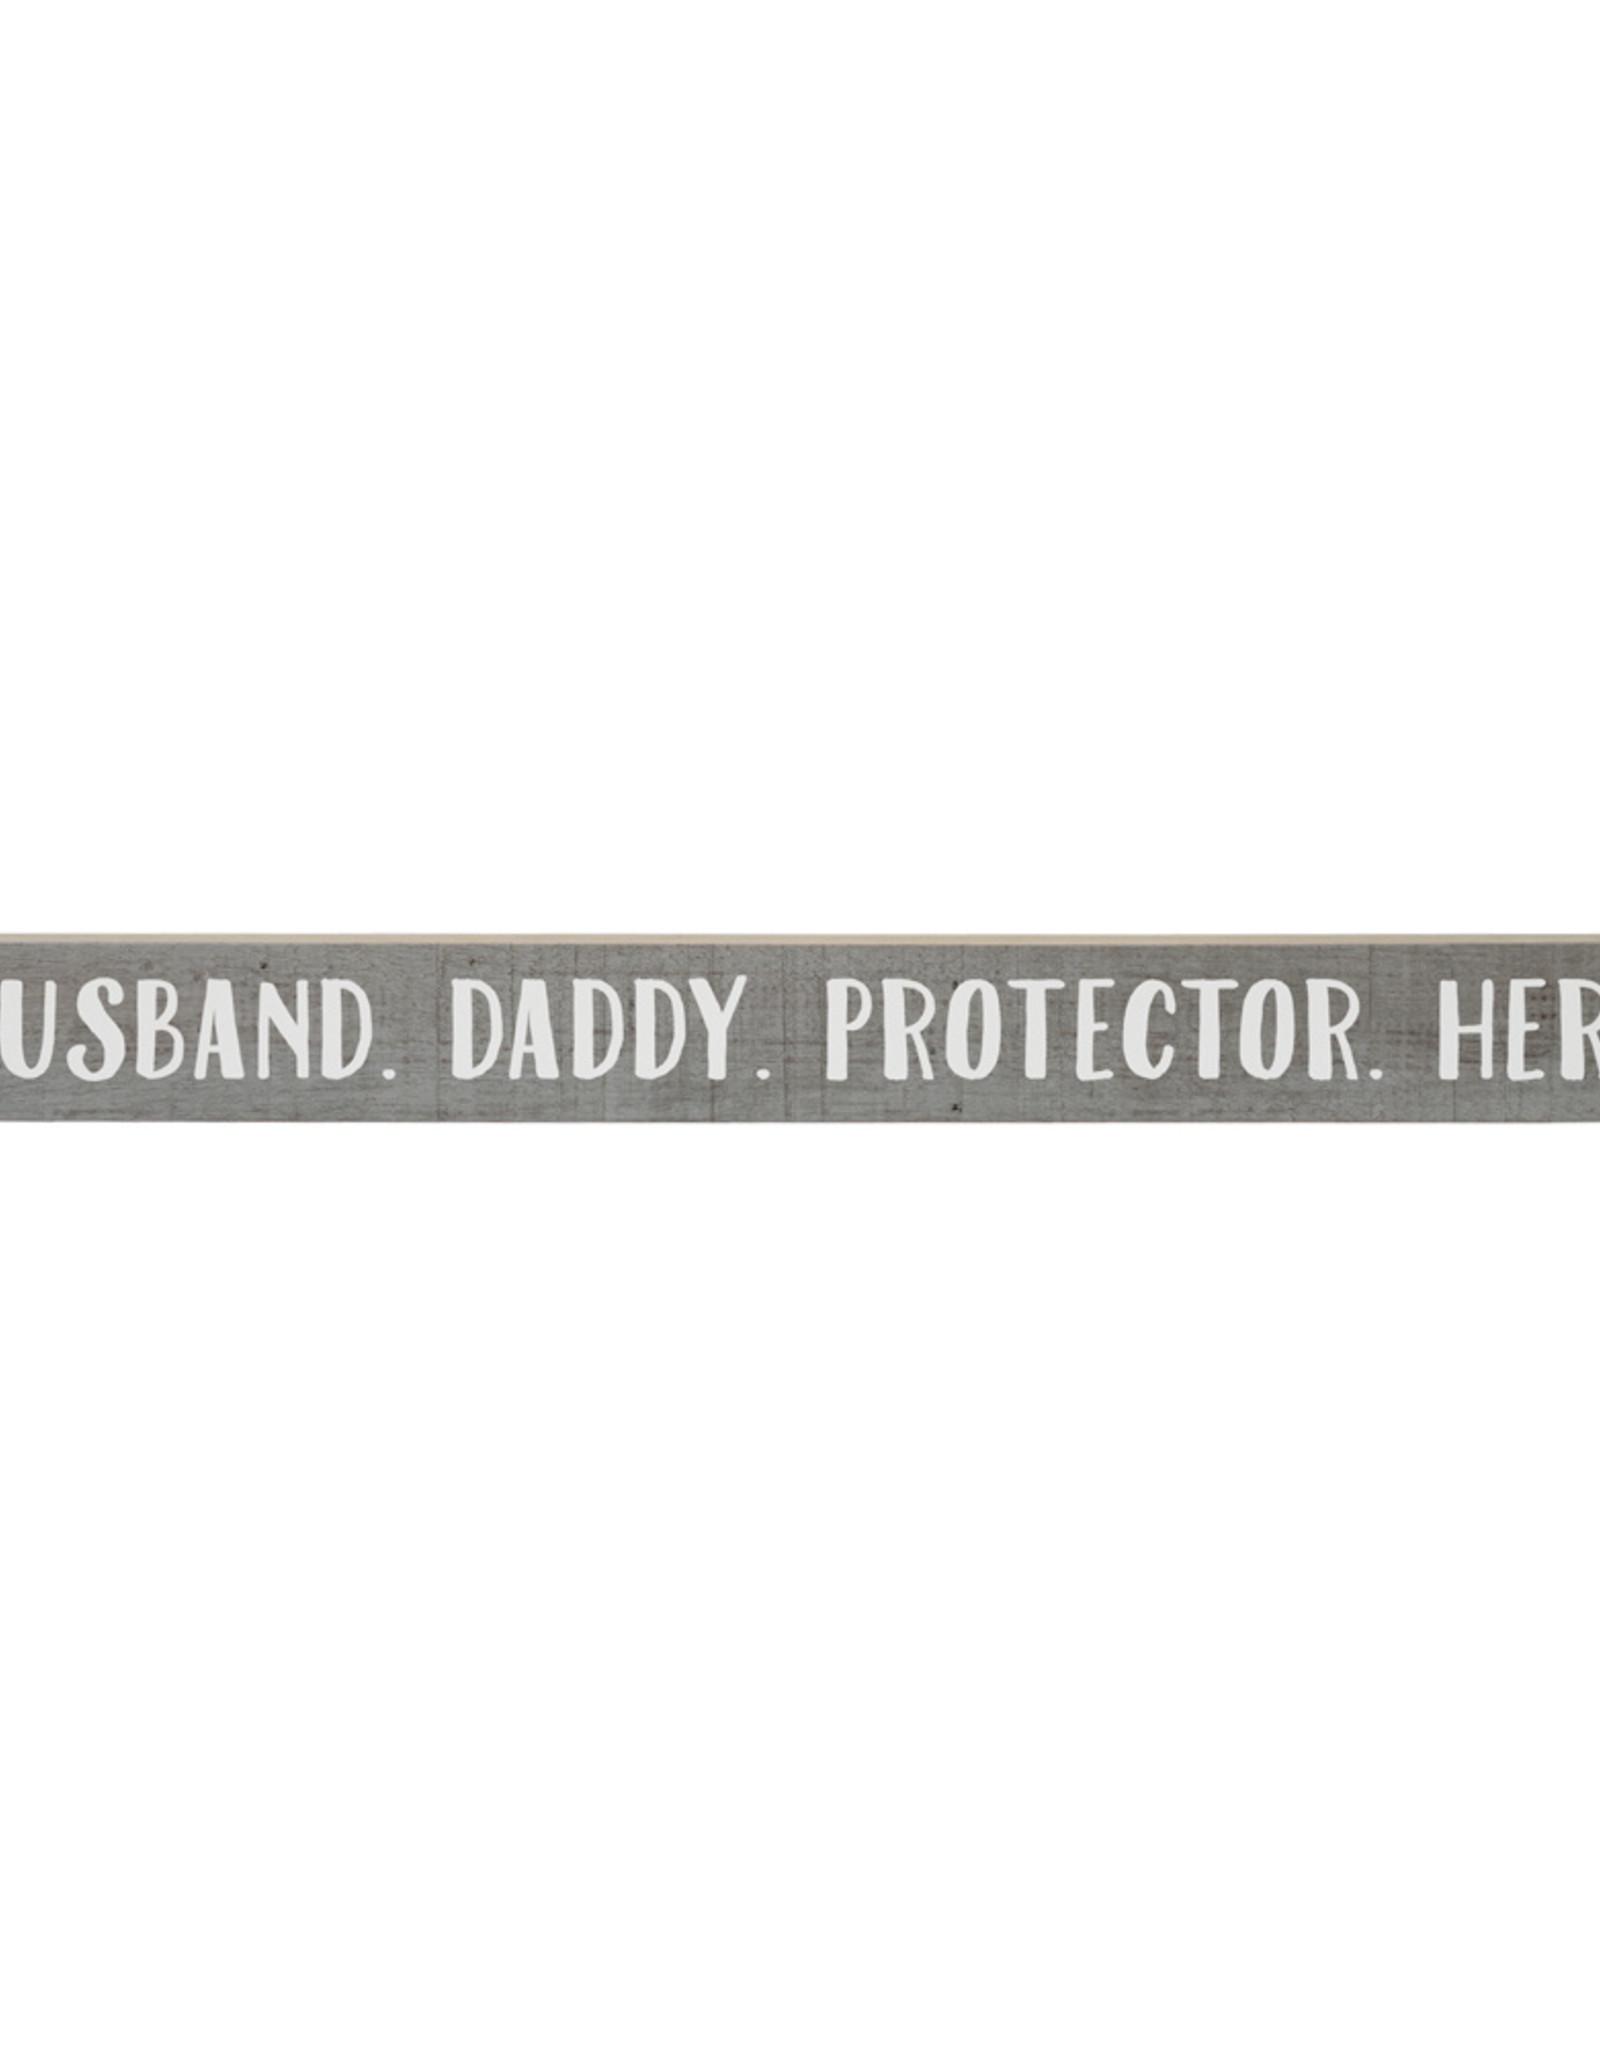 Sincere Surroundings Sincere Surroundings - Husband Talking Stick Signs